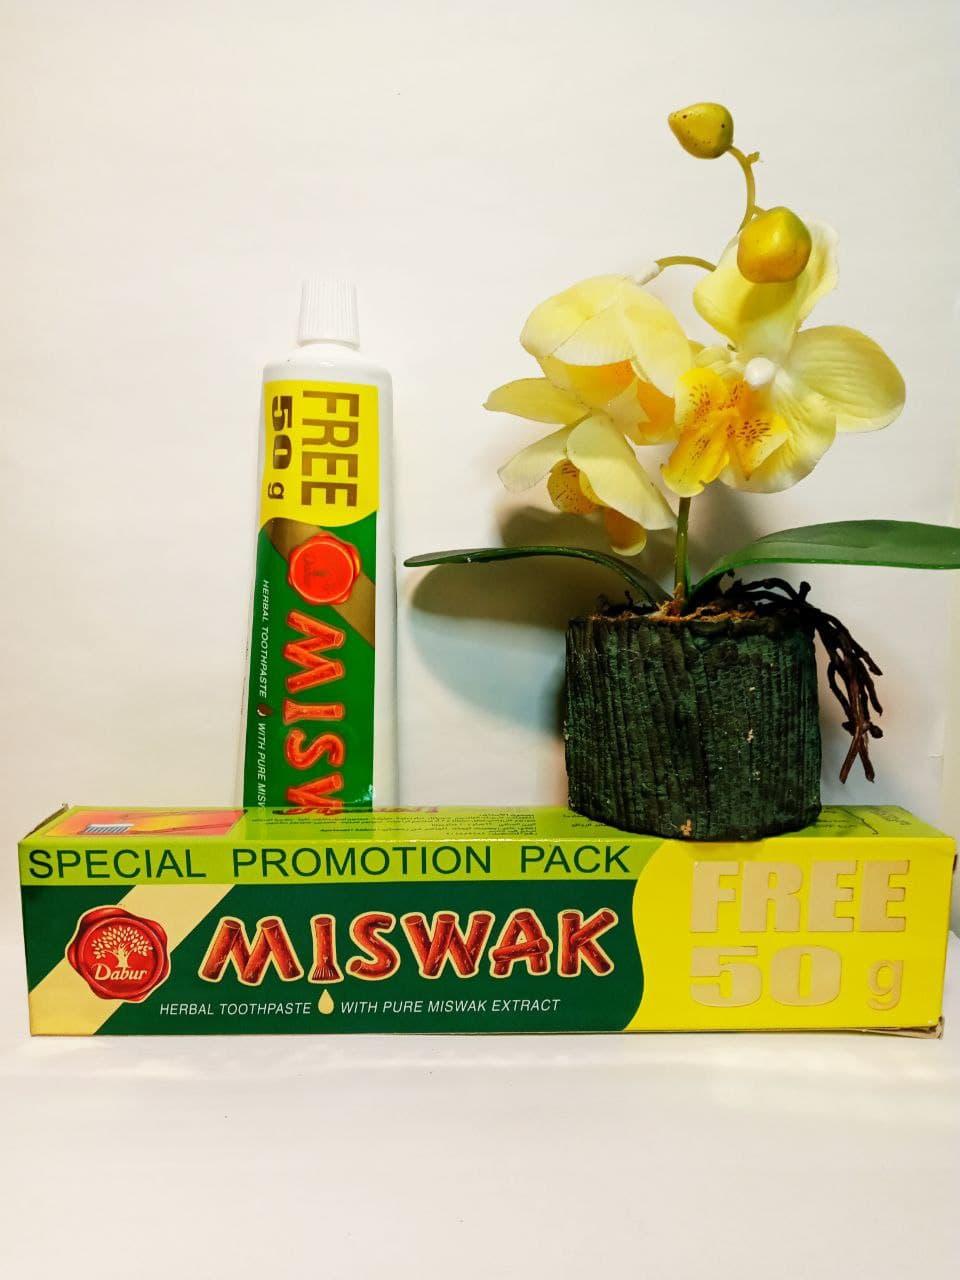 Покупает натуральную травяную зубную пасту Miswak для ухода за зубами и деснами